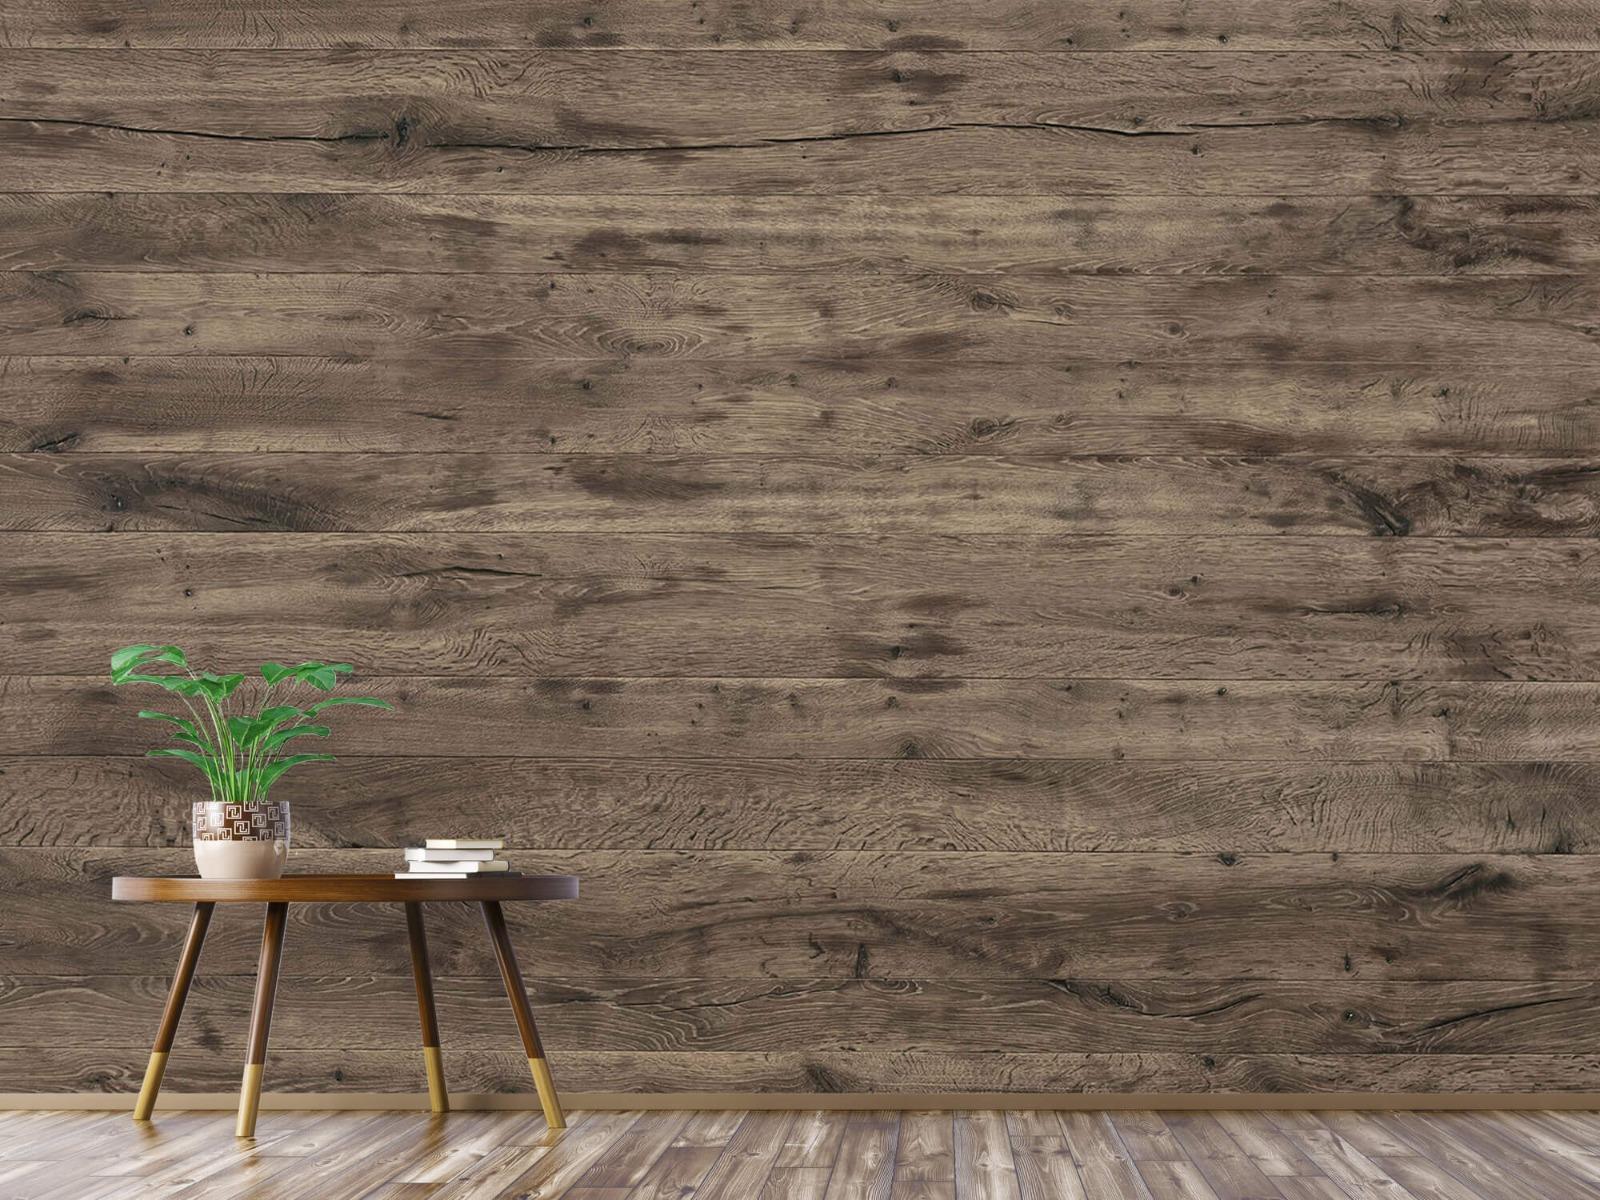 Hout behang - Rustieke houten planken - Garage 4